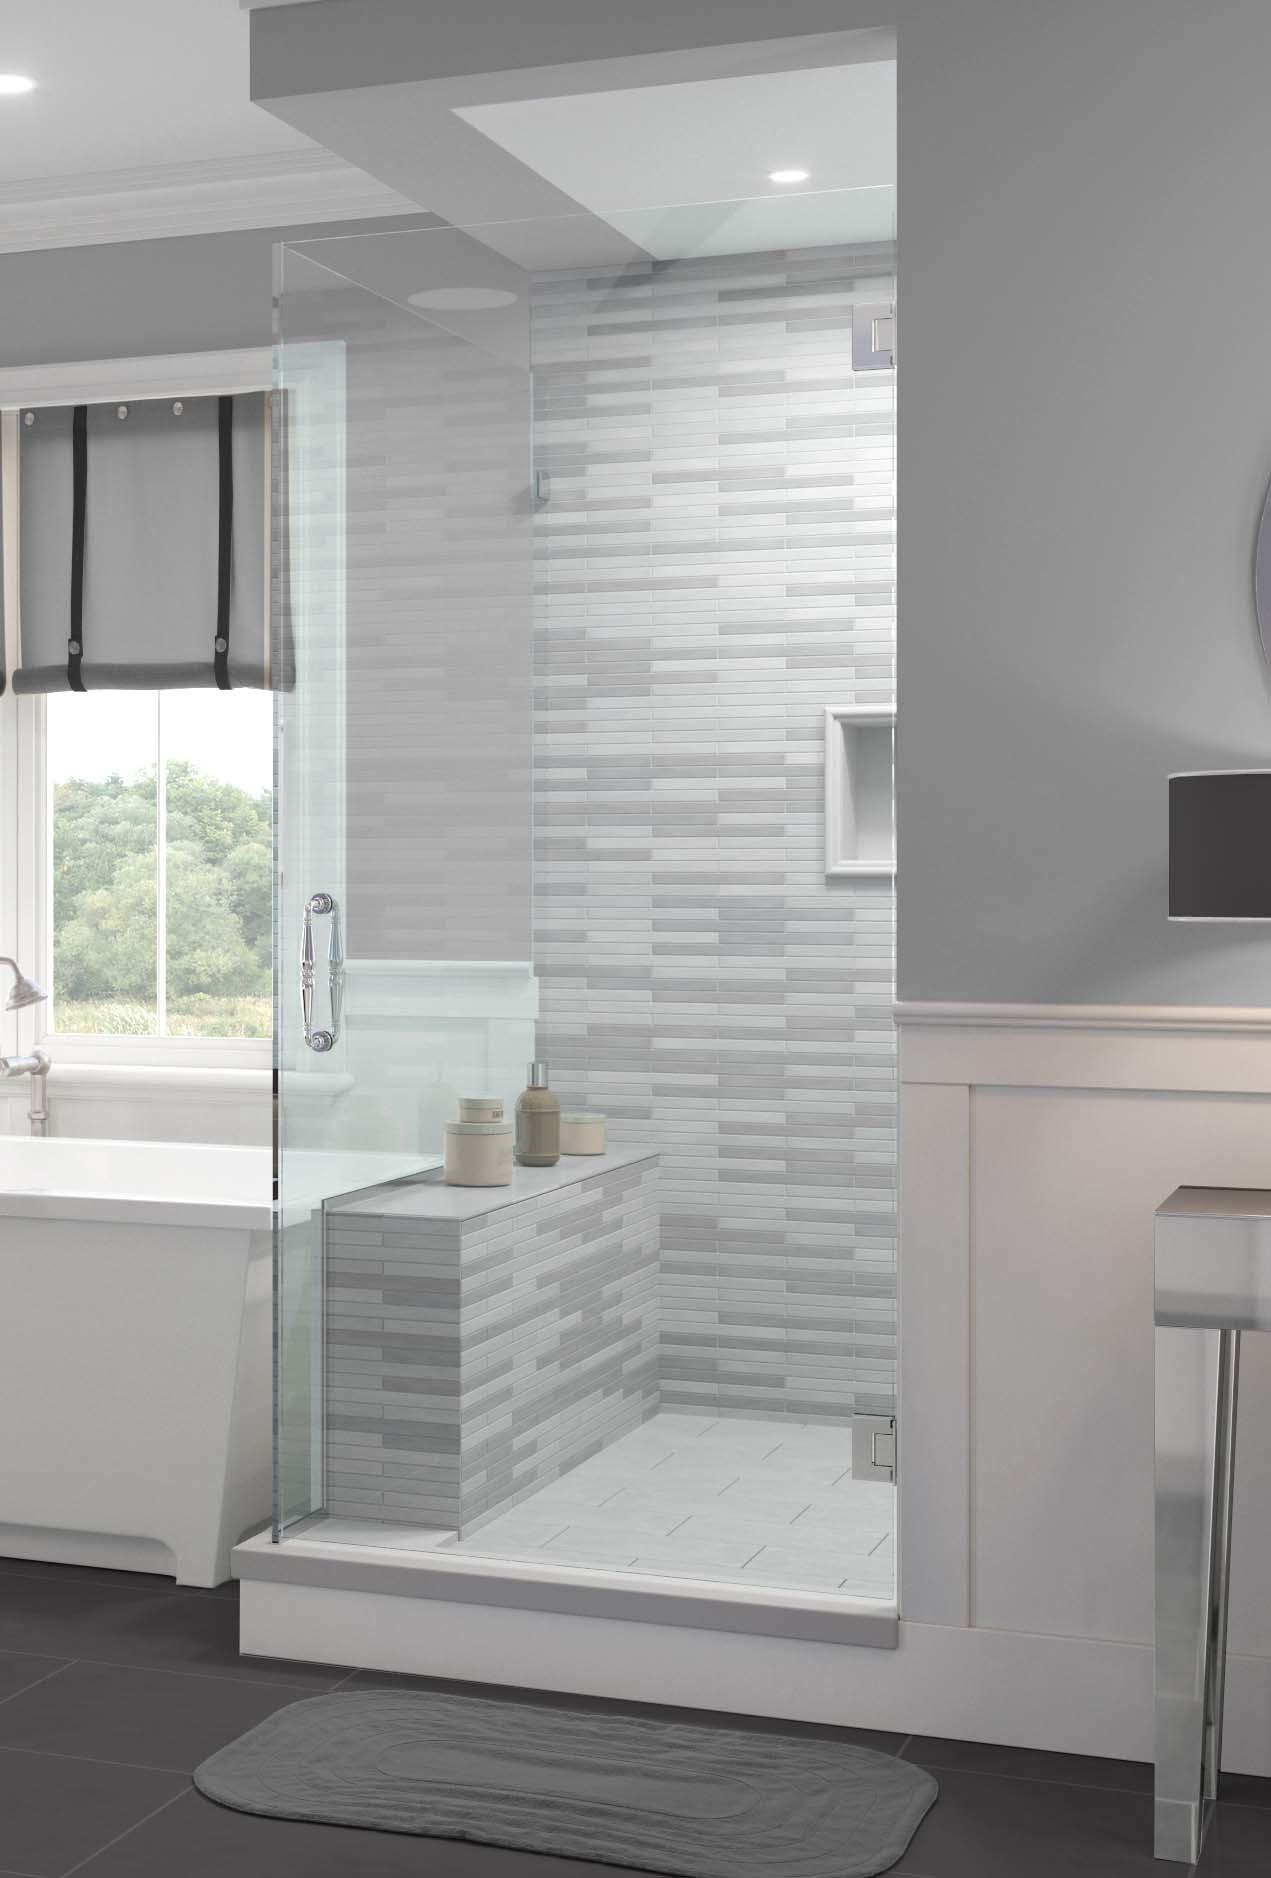 Tresor Frameless 3 8 Inch Glass Swing Door Basco Shower